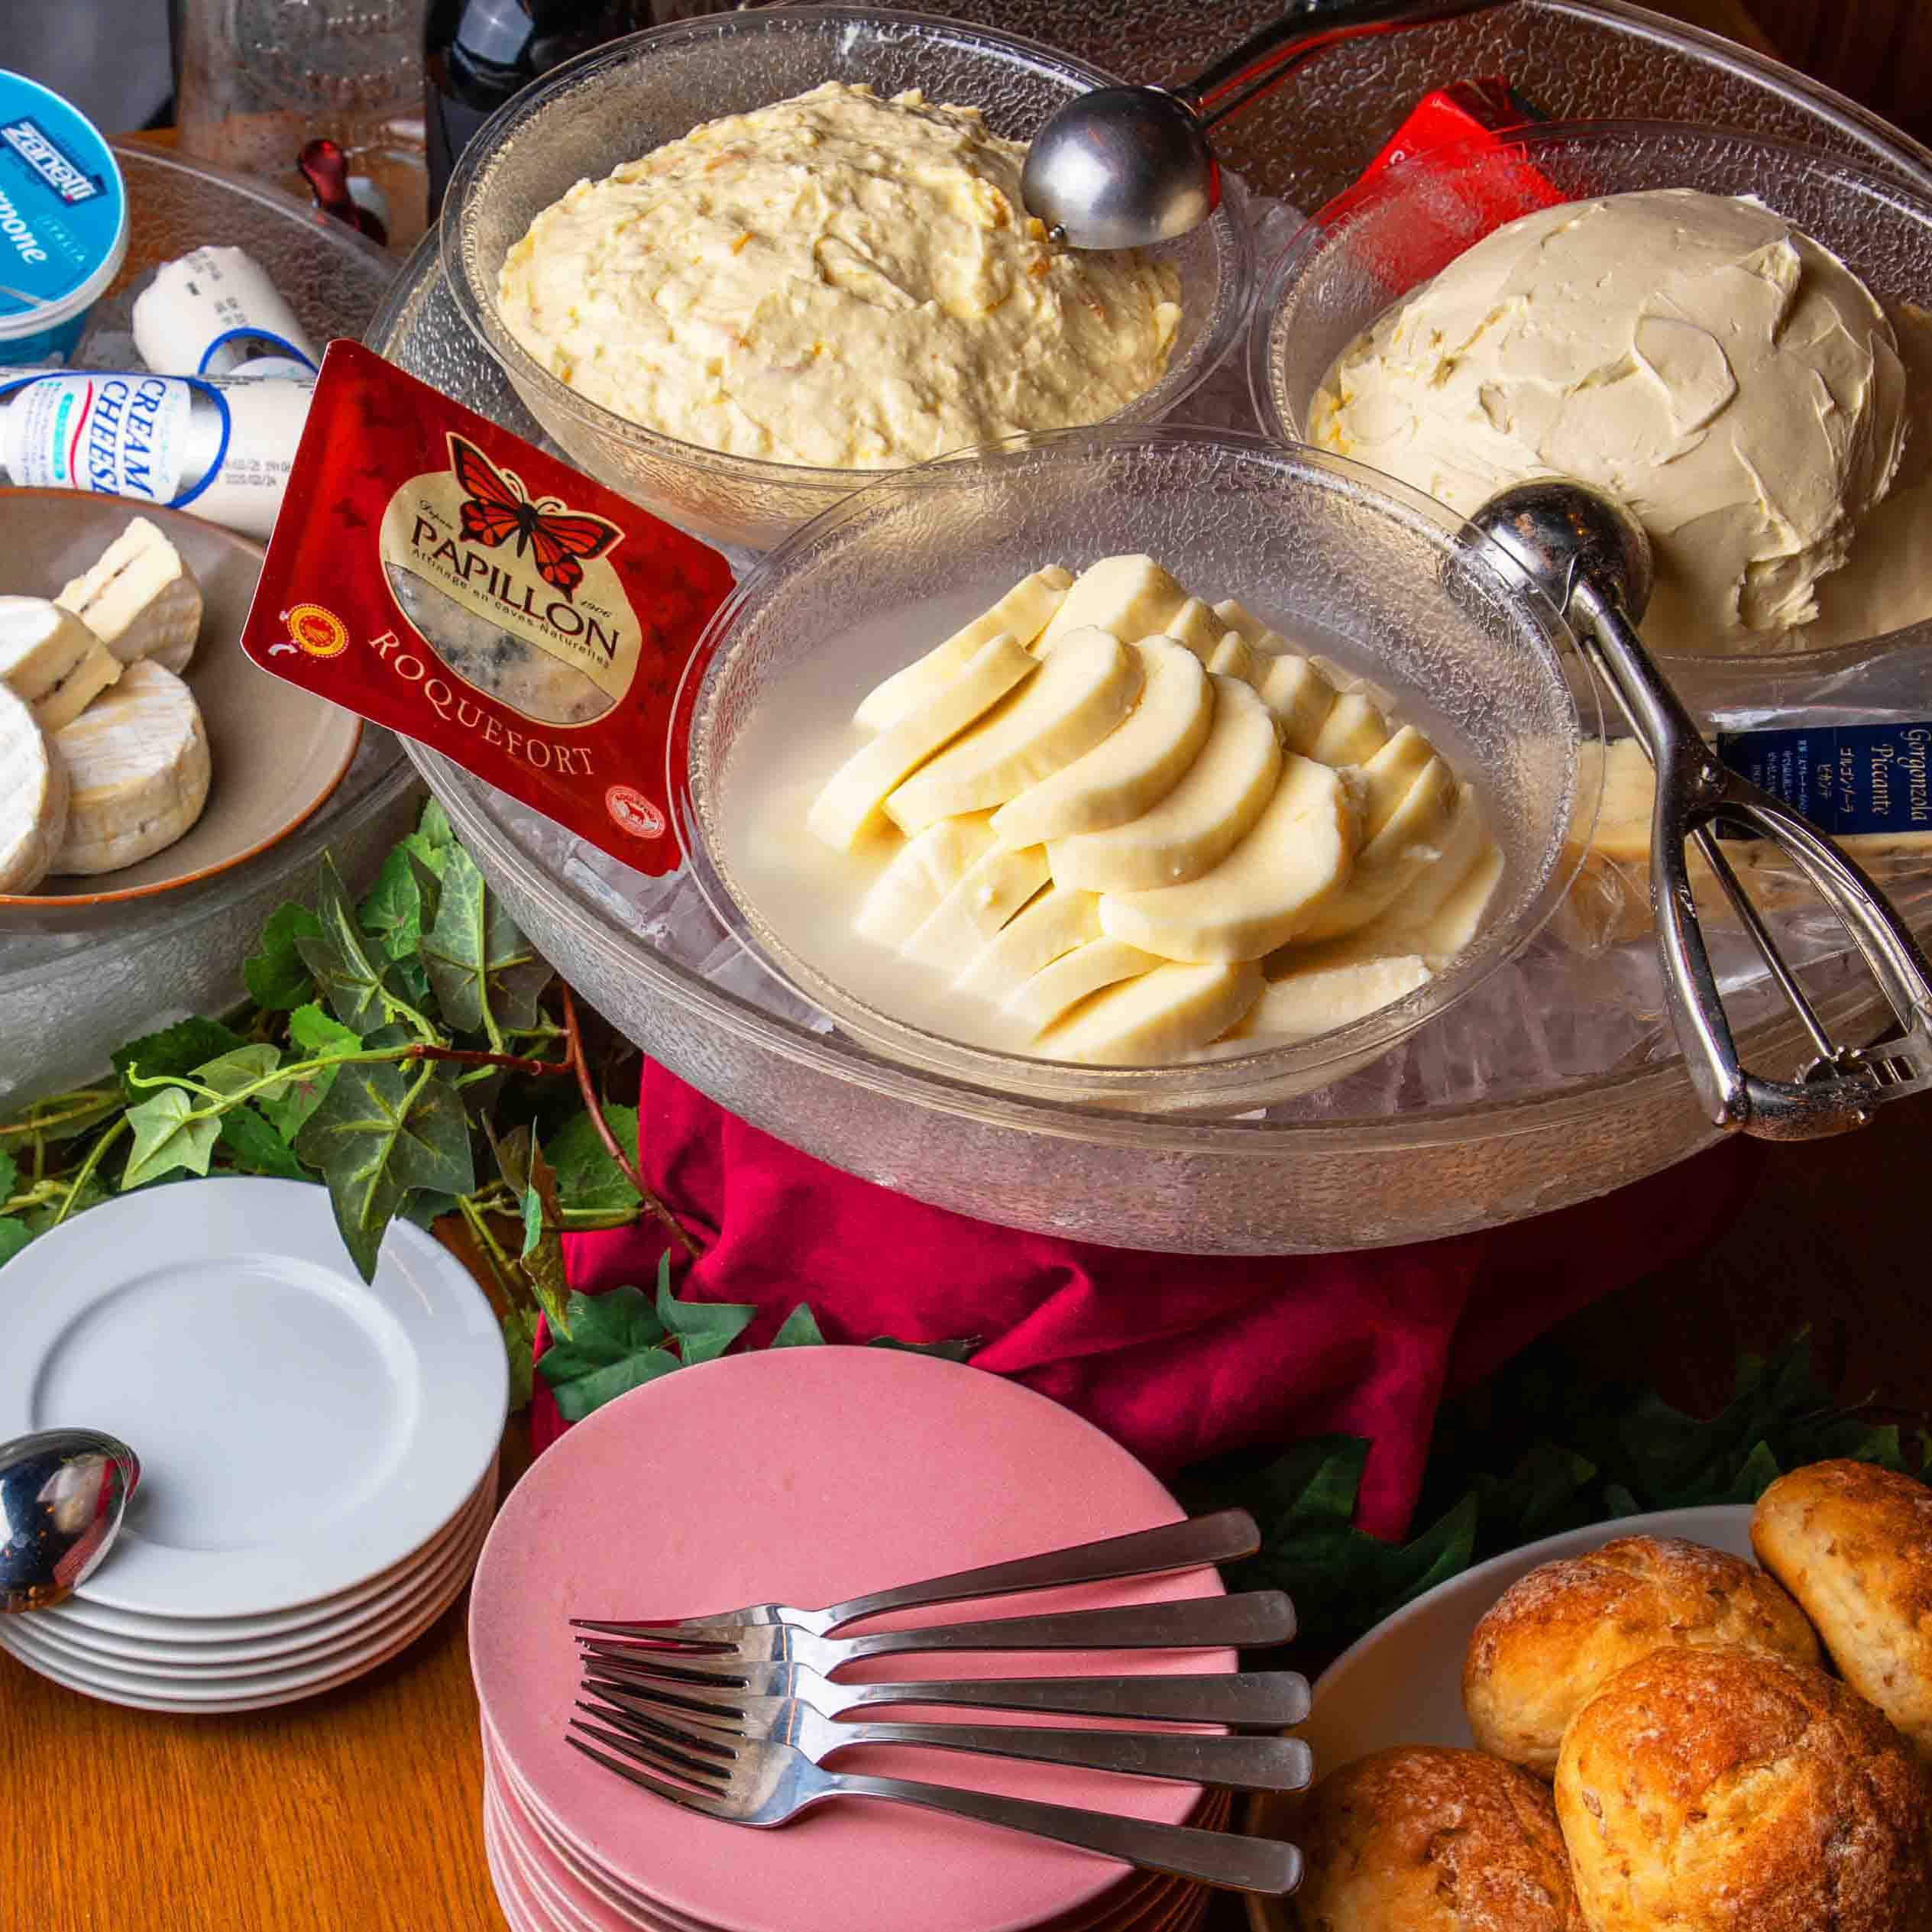 [お料理のみ] 平日限定5種チーズ食べ放題!プレミアムチーズビュッフェ6品